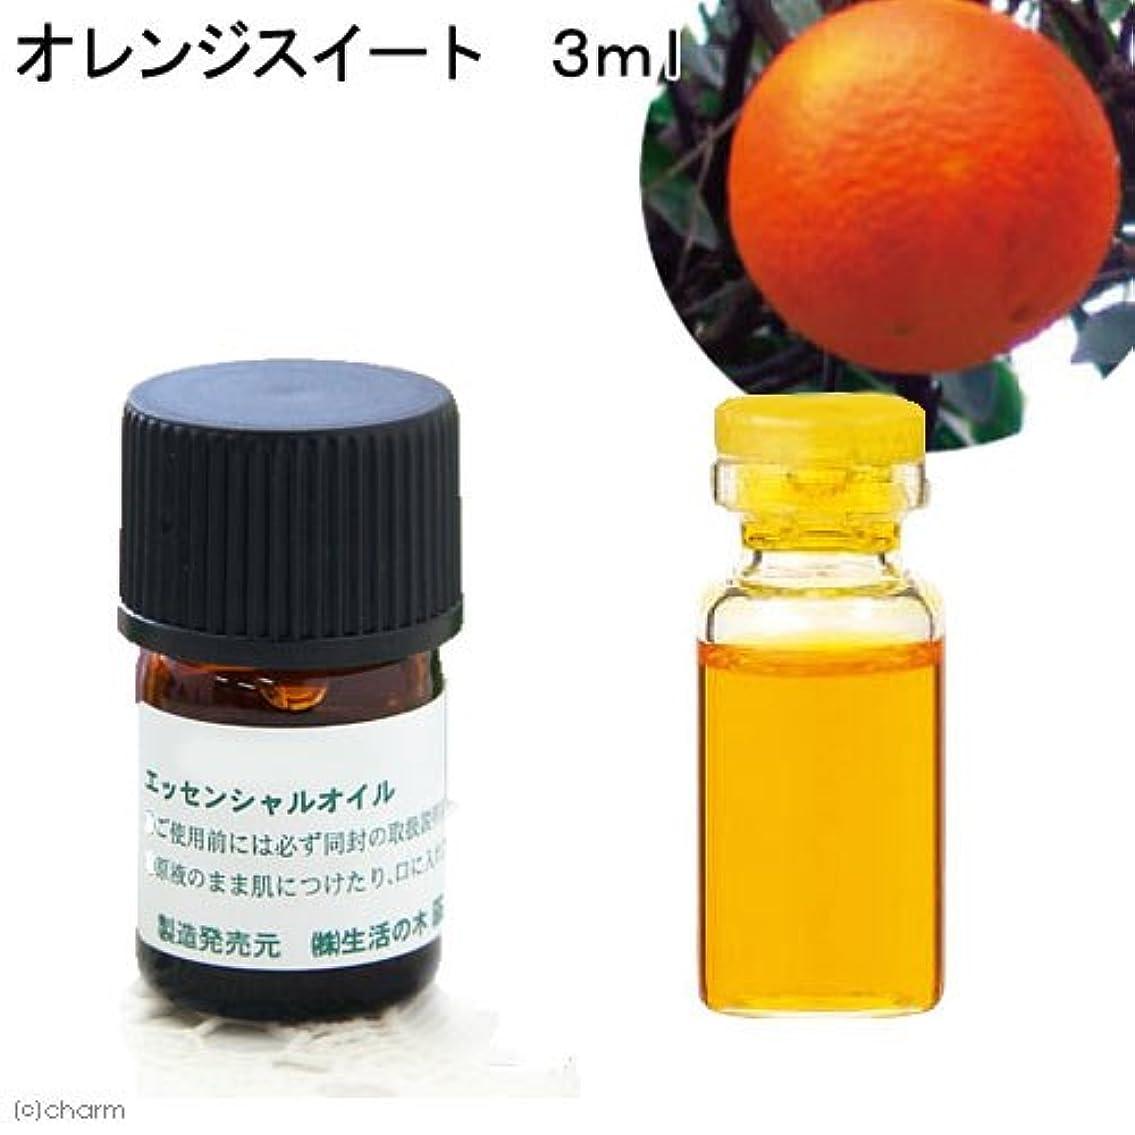 生きる初期寛大さ生活の木 オレンジスイート 3ml